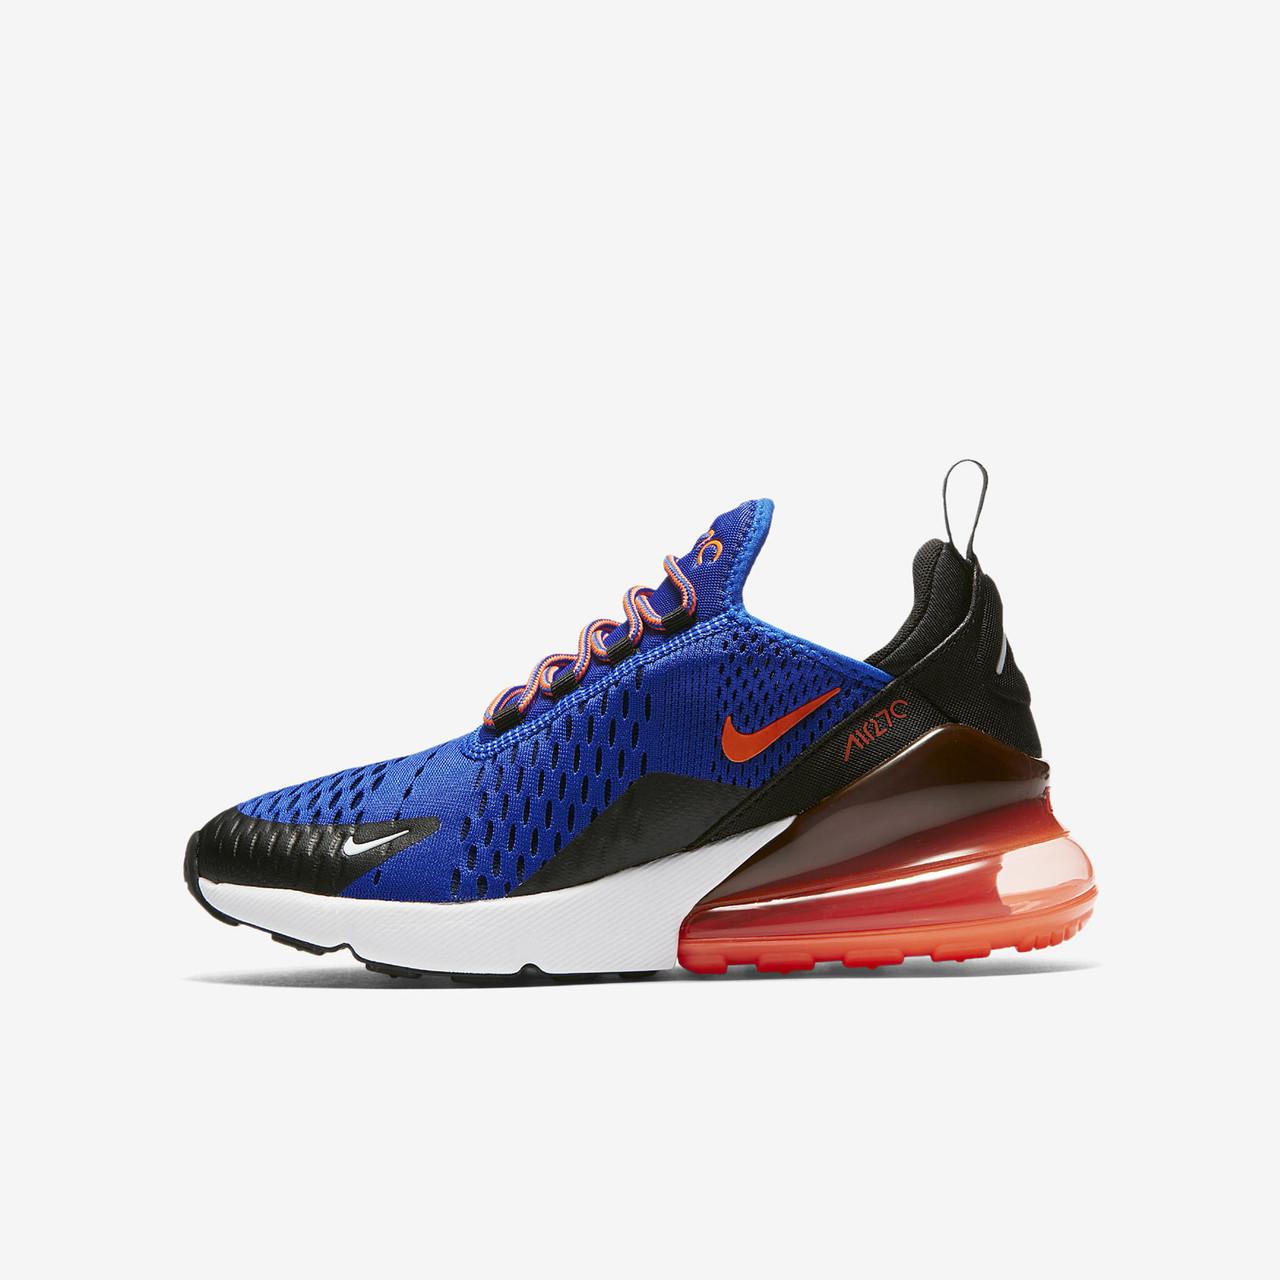 ???????????? ??????? ????????? Nike Air Max 270